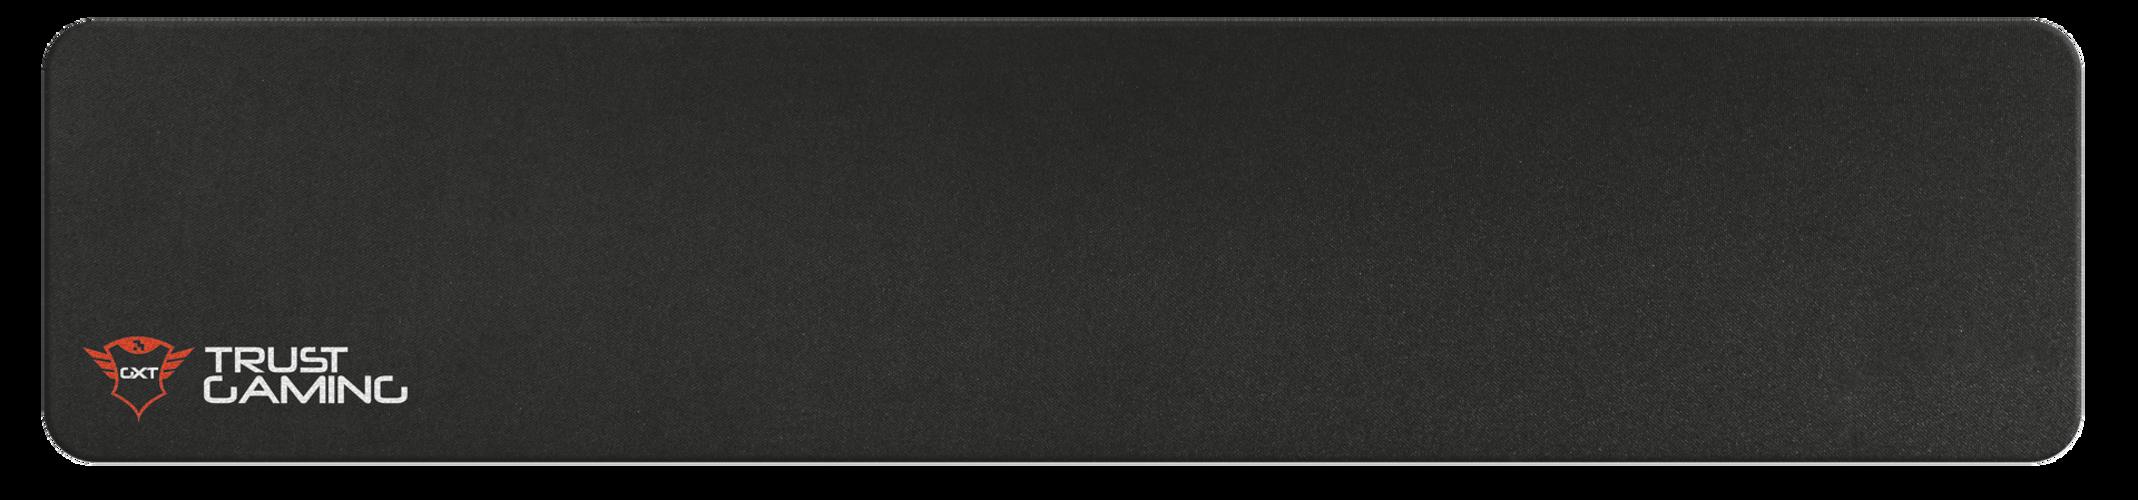 ERGONOME GAMING GXT-766 REPOSE POIGNET tr219785